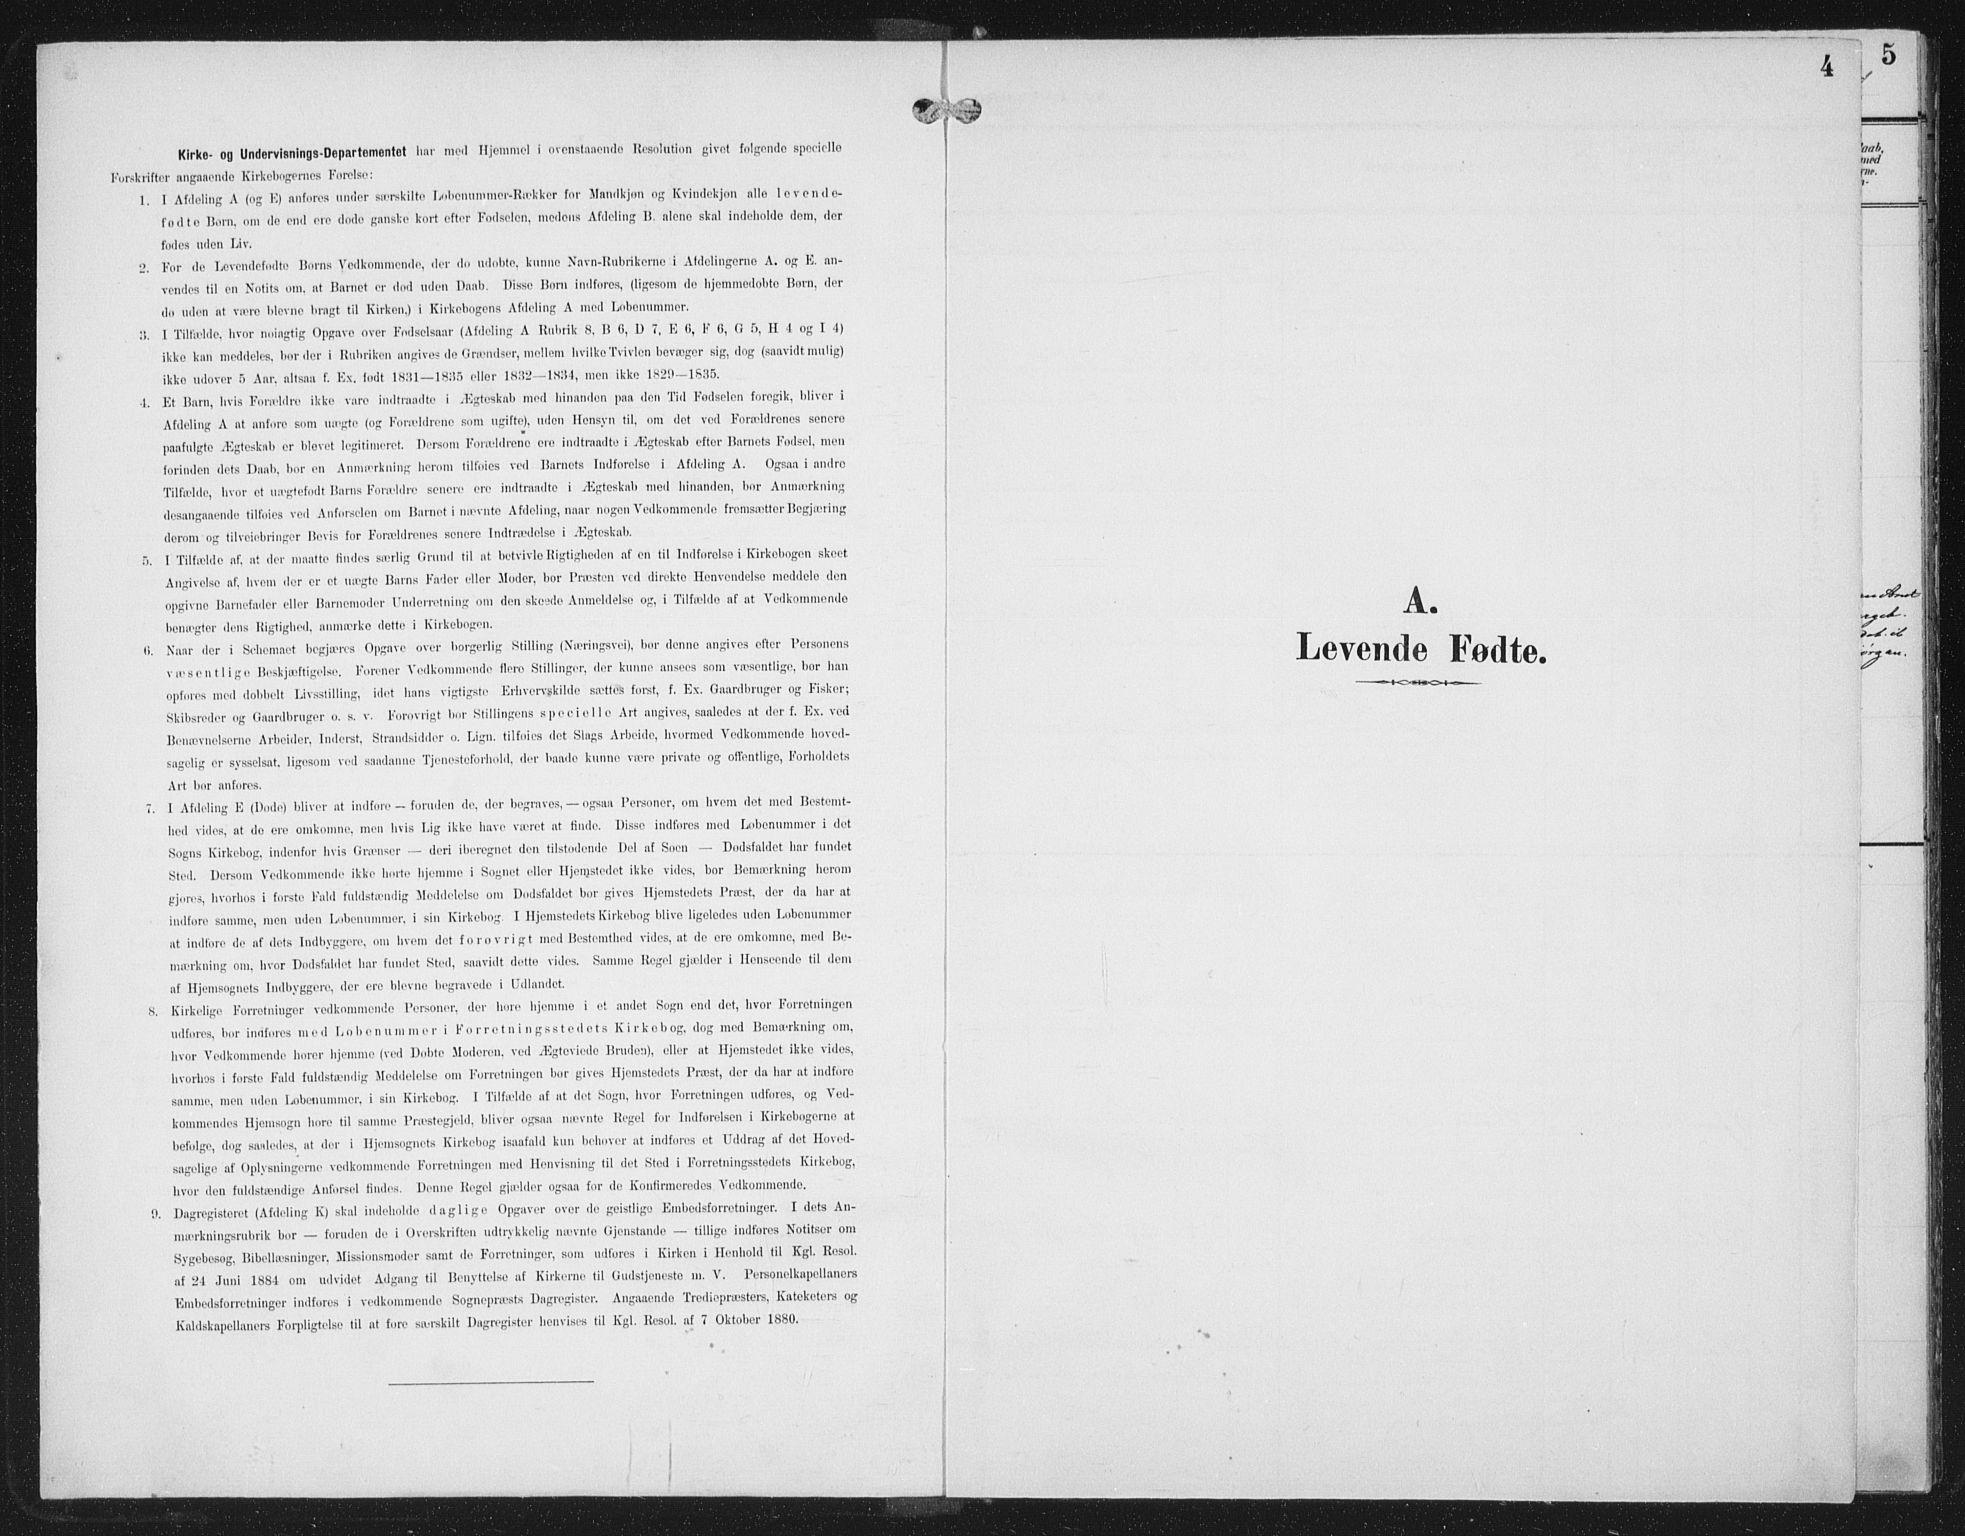 SAT, Ministerialprotokoller, klokkerbøker og fødselsregistre - Nord-Trøndelag, 702/L0024: Ministerialbok nr. 702A02, 1898-1914, s. 4